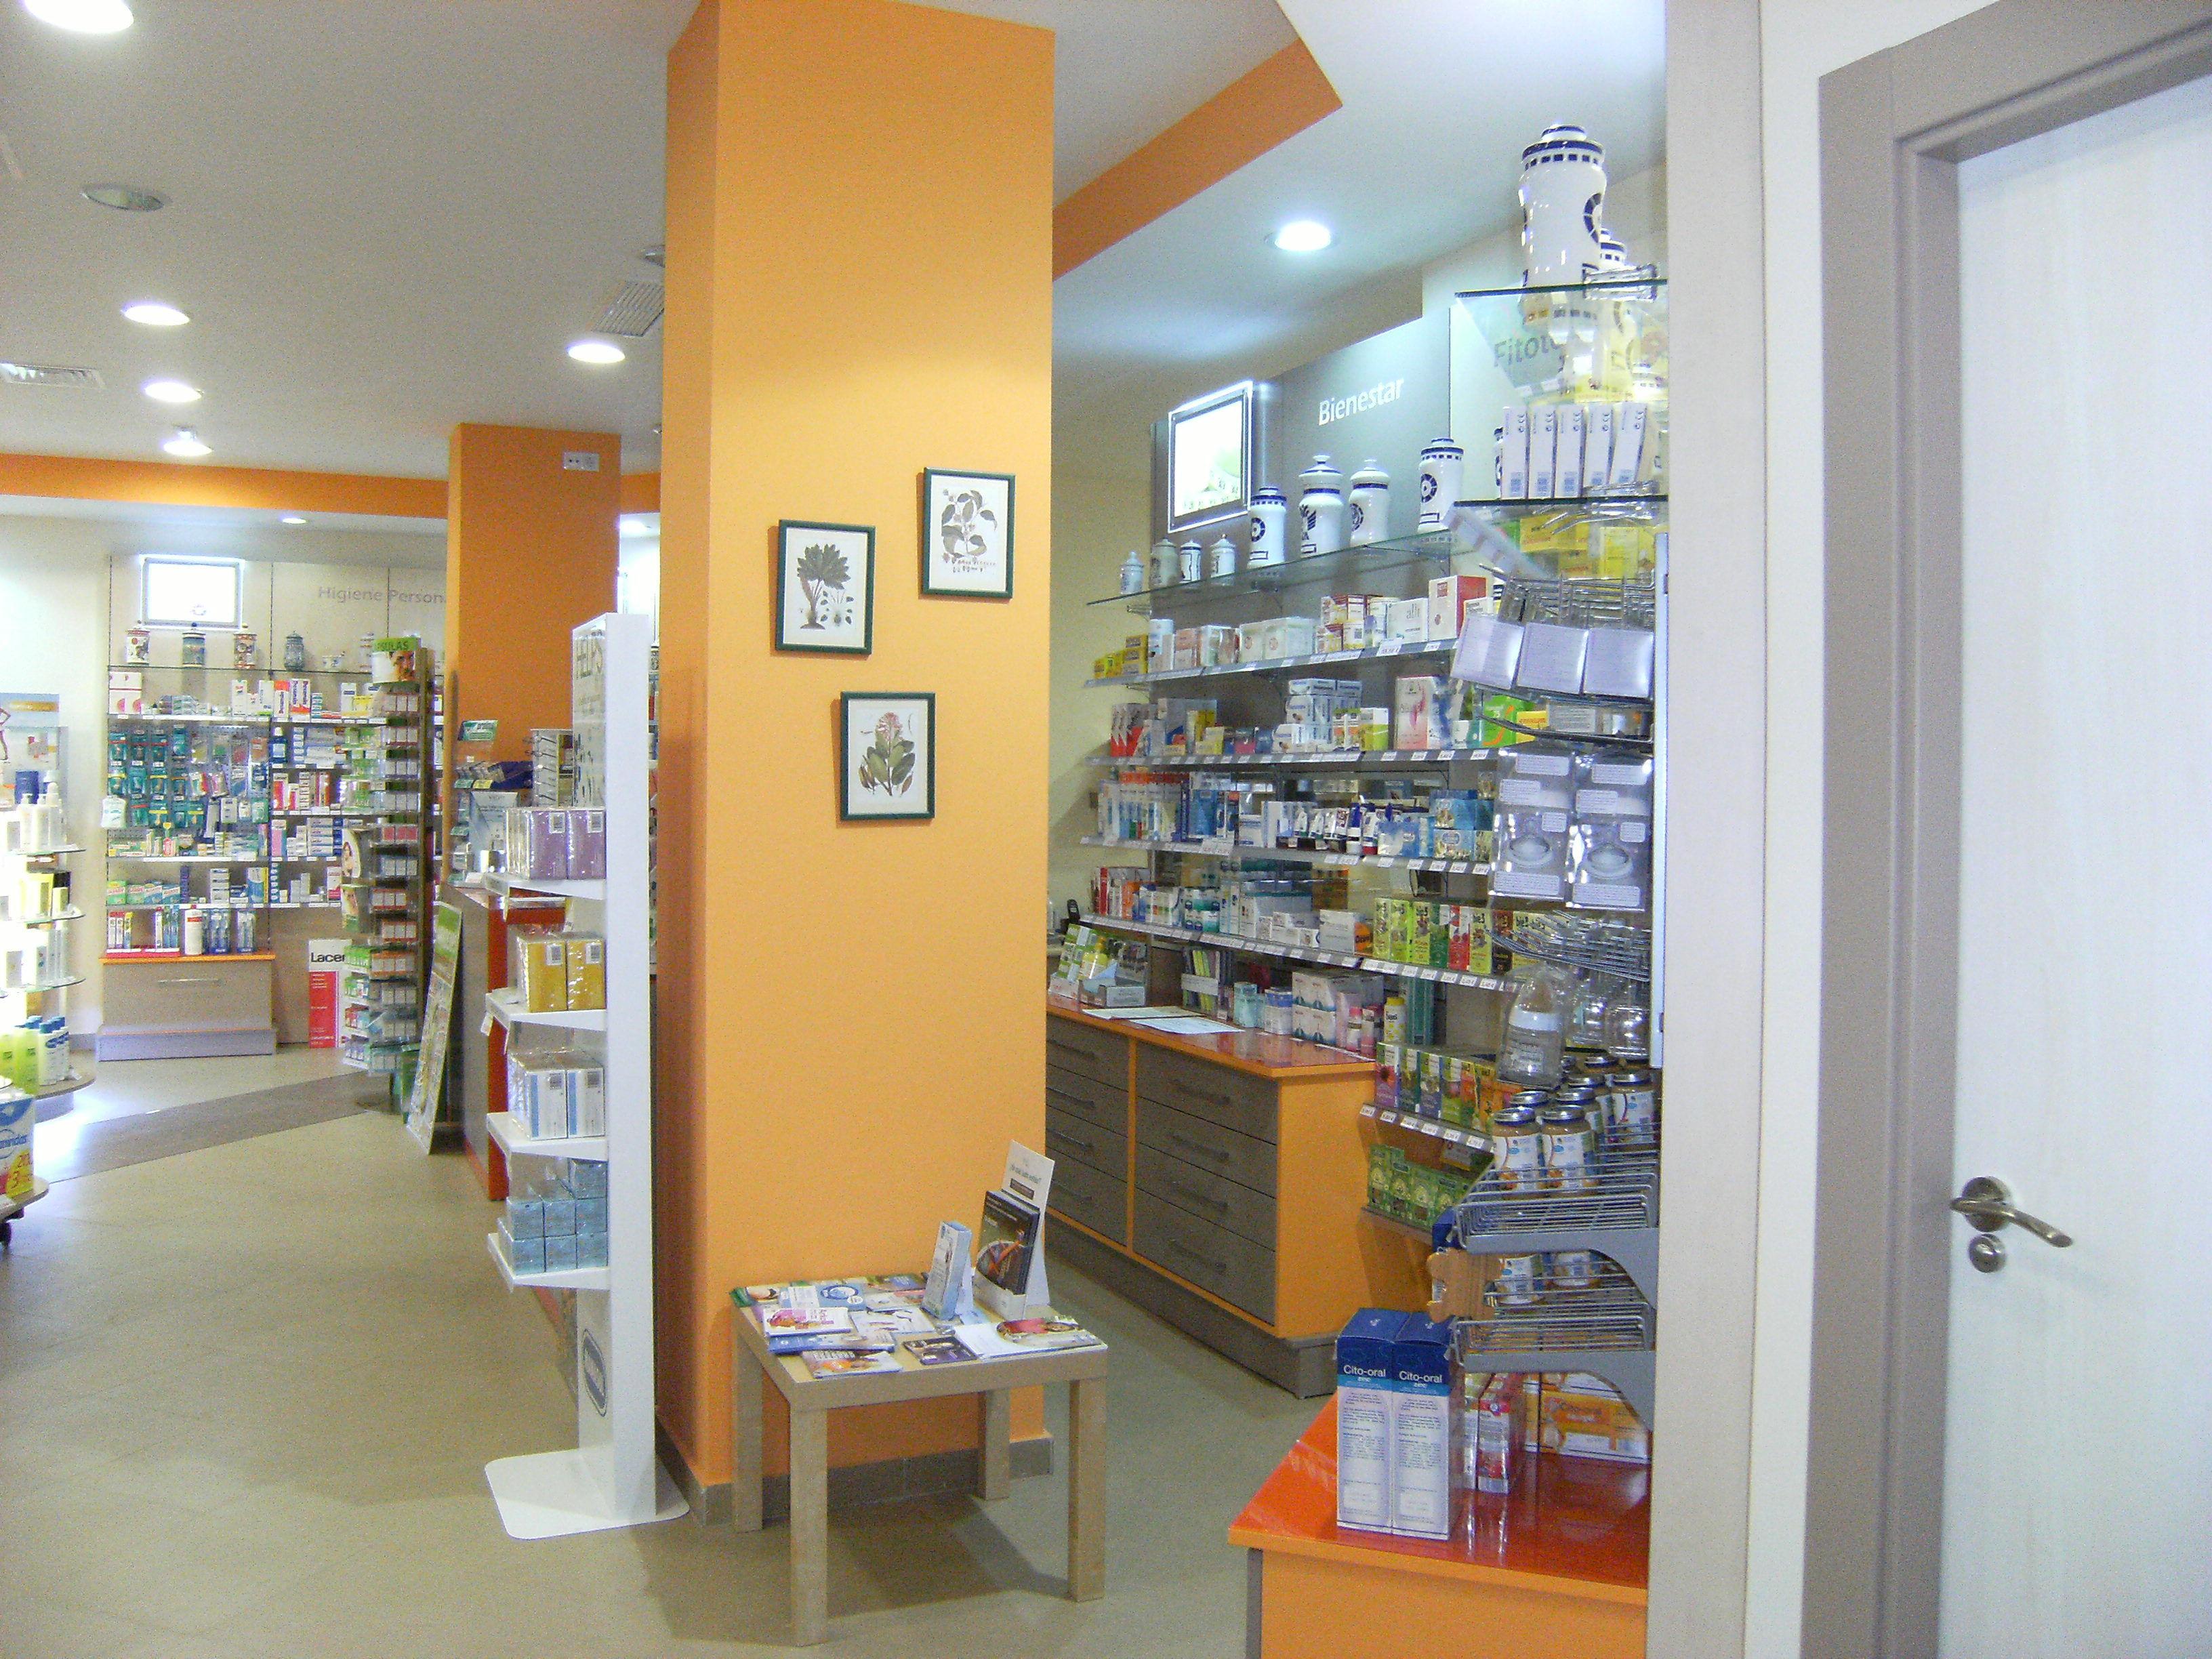 Foto 11 de Farmacias en San Andrés del Rabanedo | Farmacia Ldo. Alberto Sáenz Ruiz